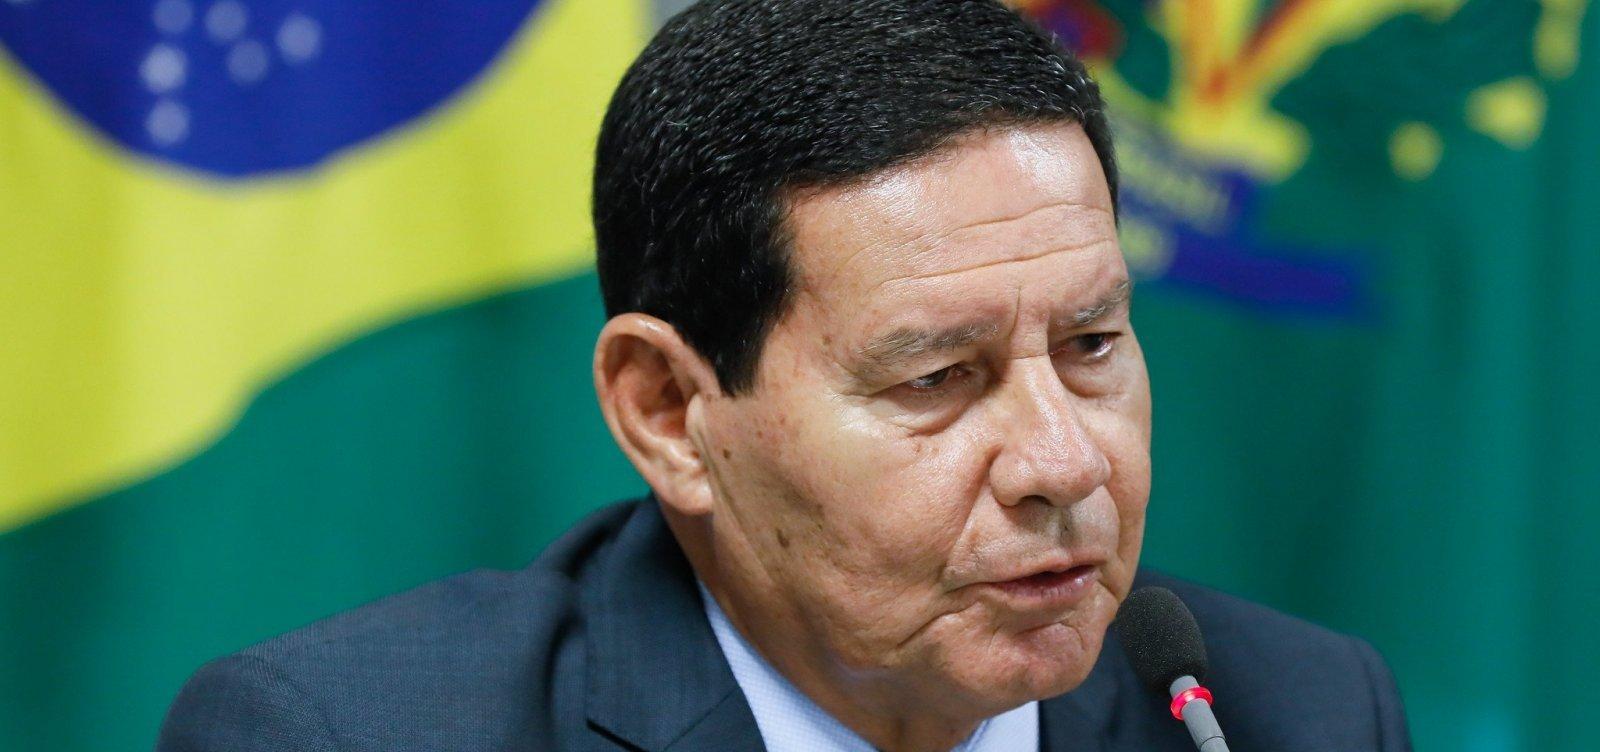 [Mourão diz que compromisso brasileiro com a Amazônia é 'inabalável']